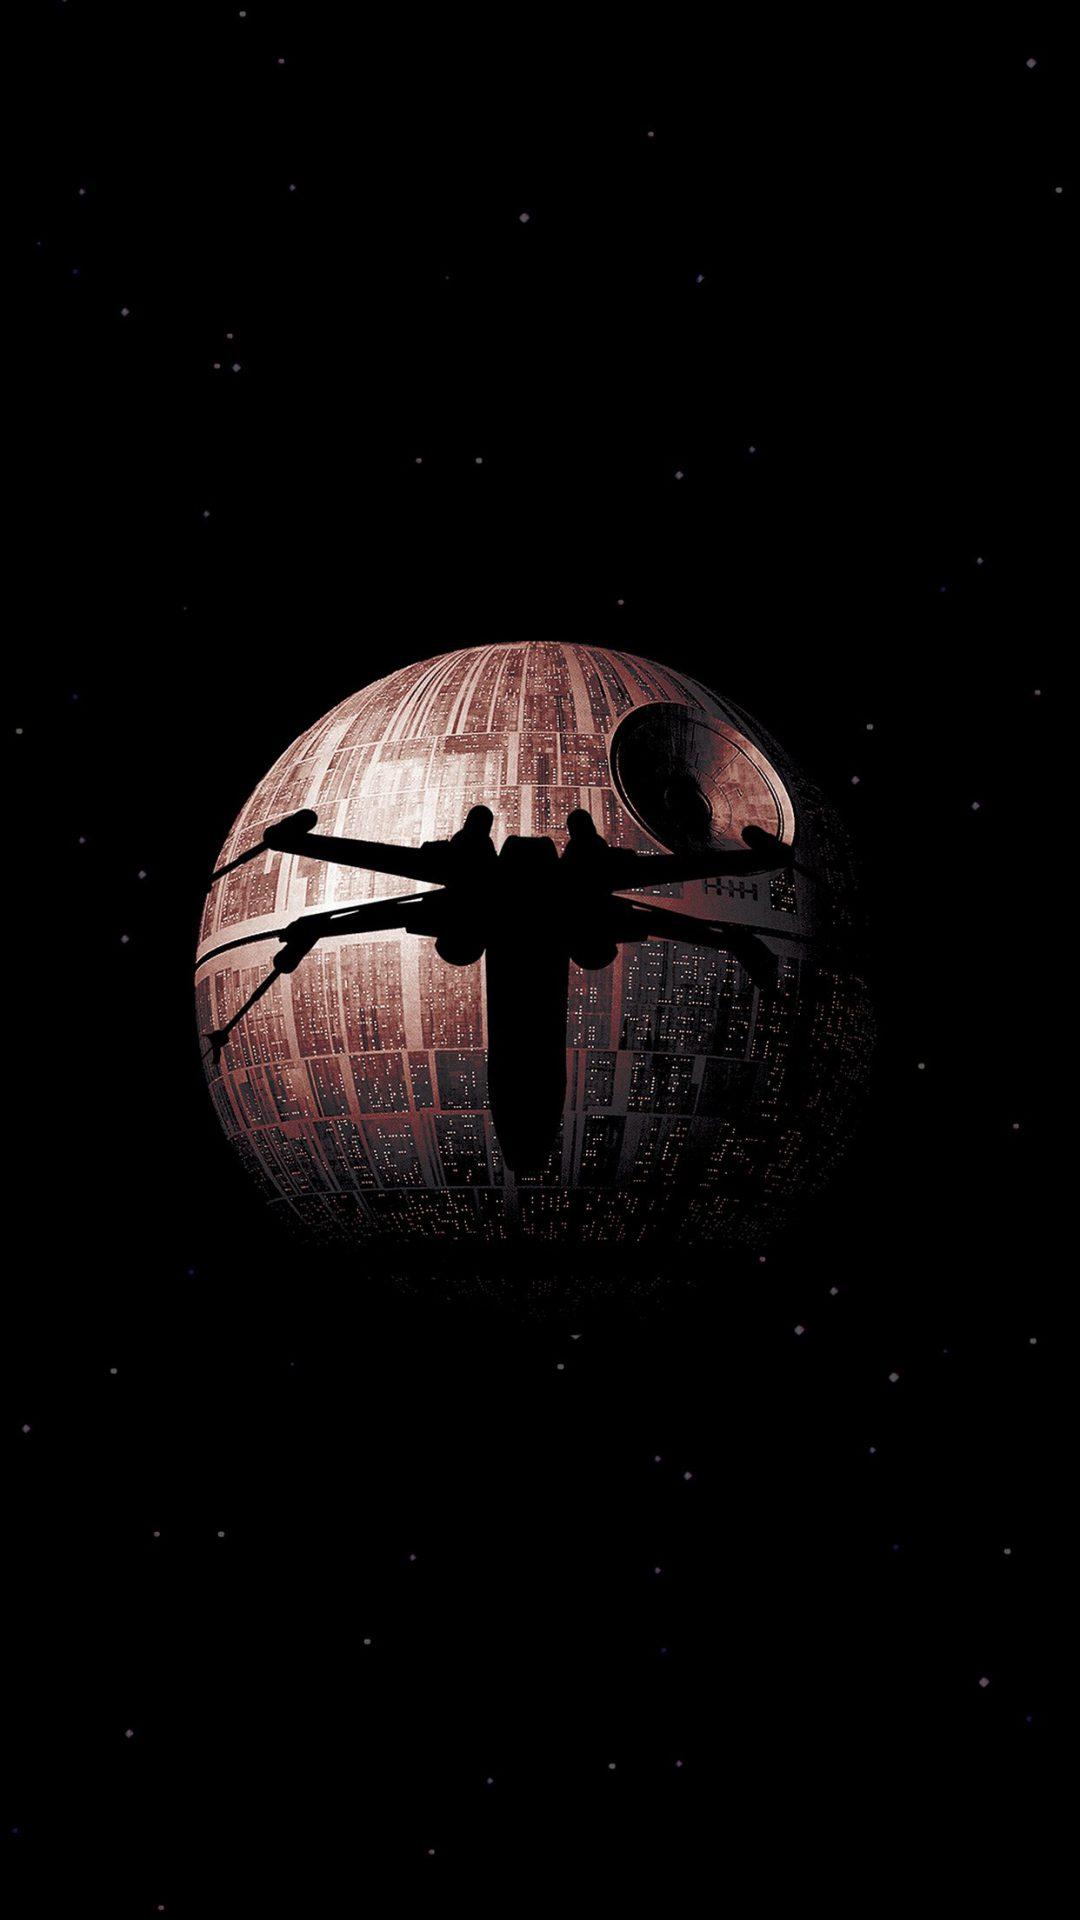 Rogue One Dark Space Starwars Poster Illustration Art